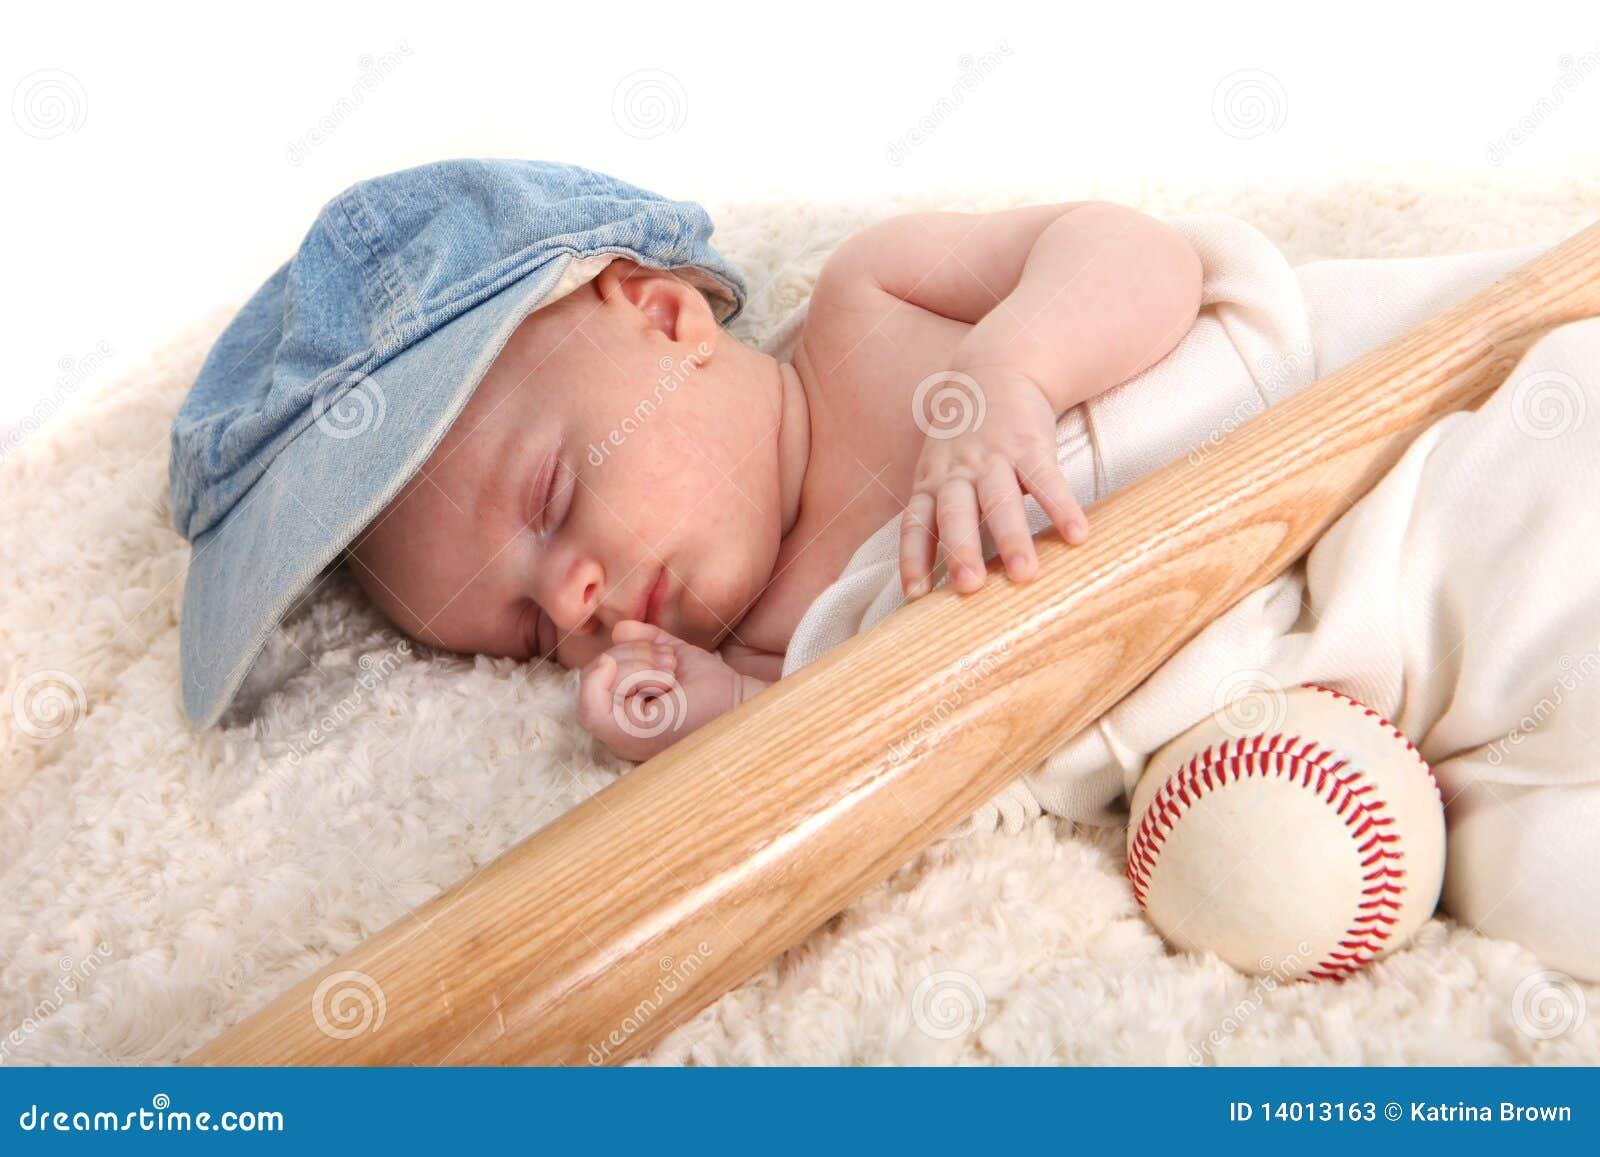 Fille baise une batte de baseball